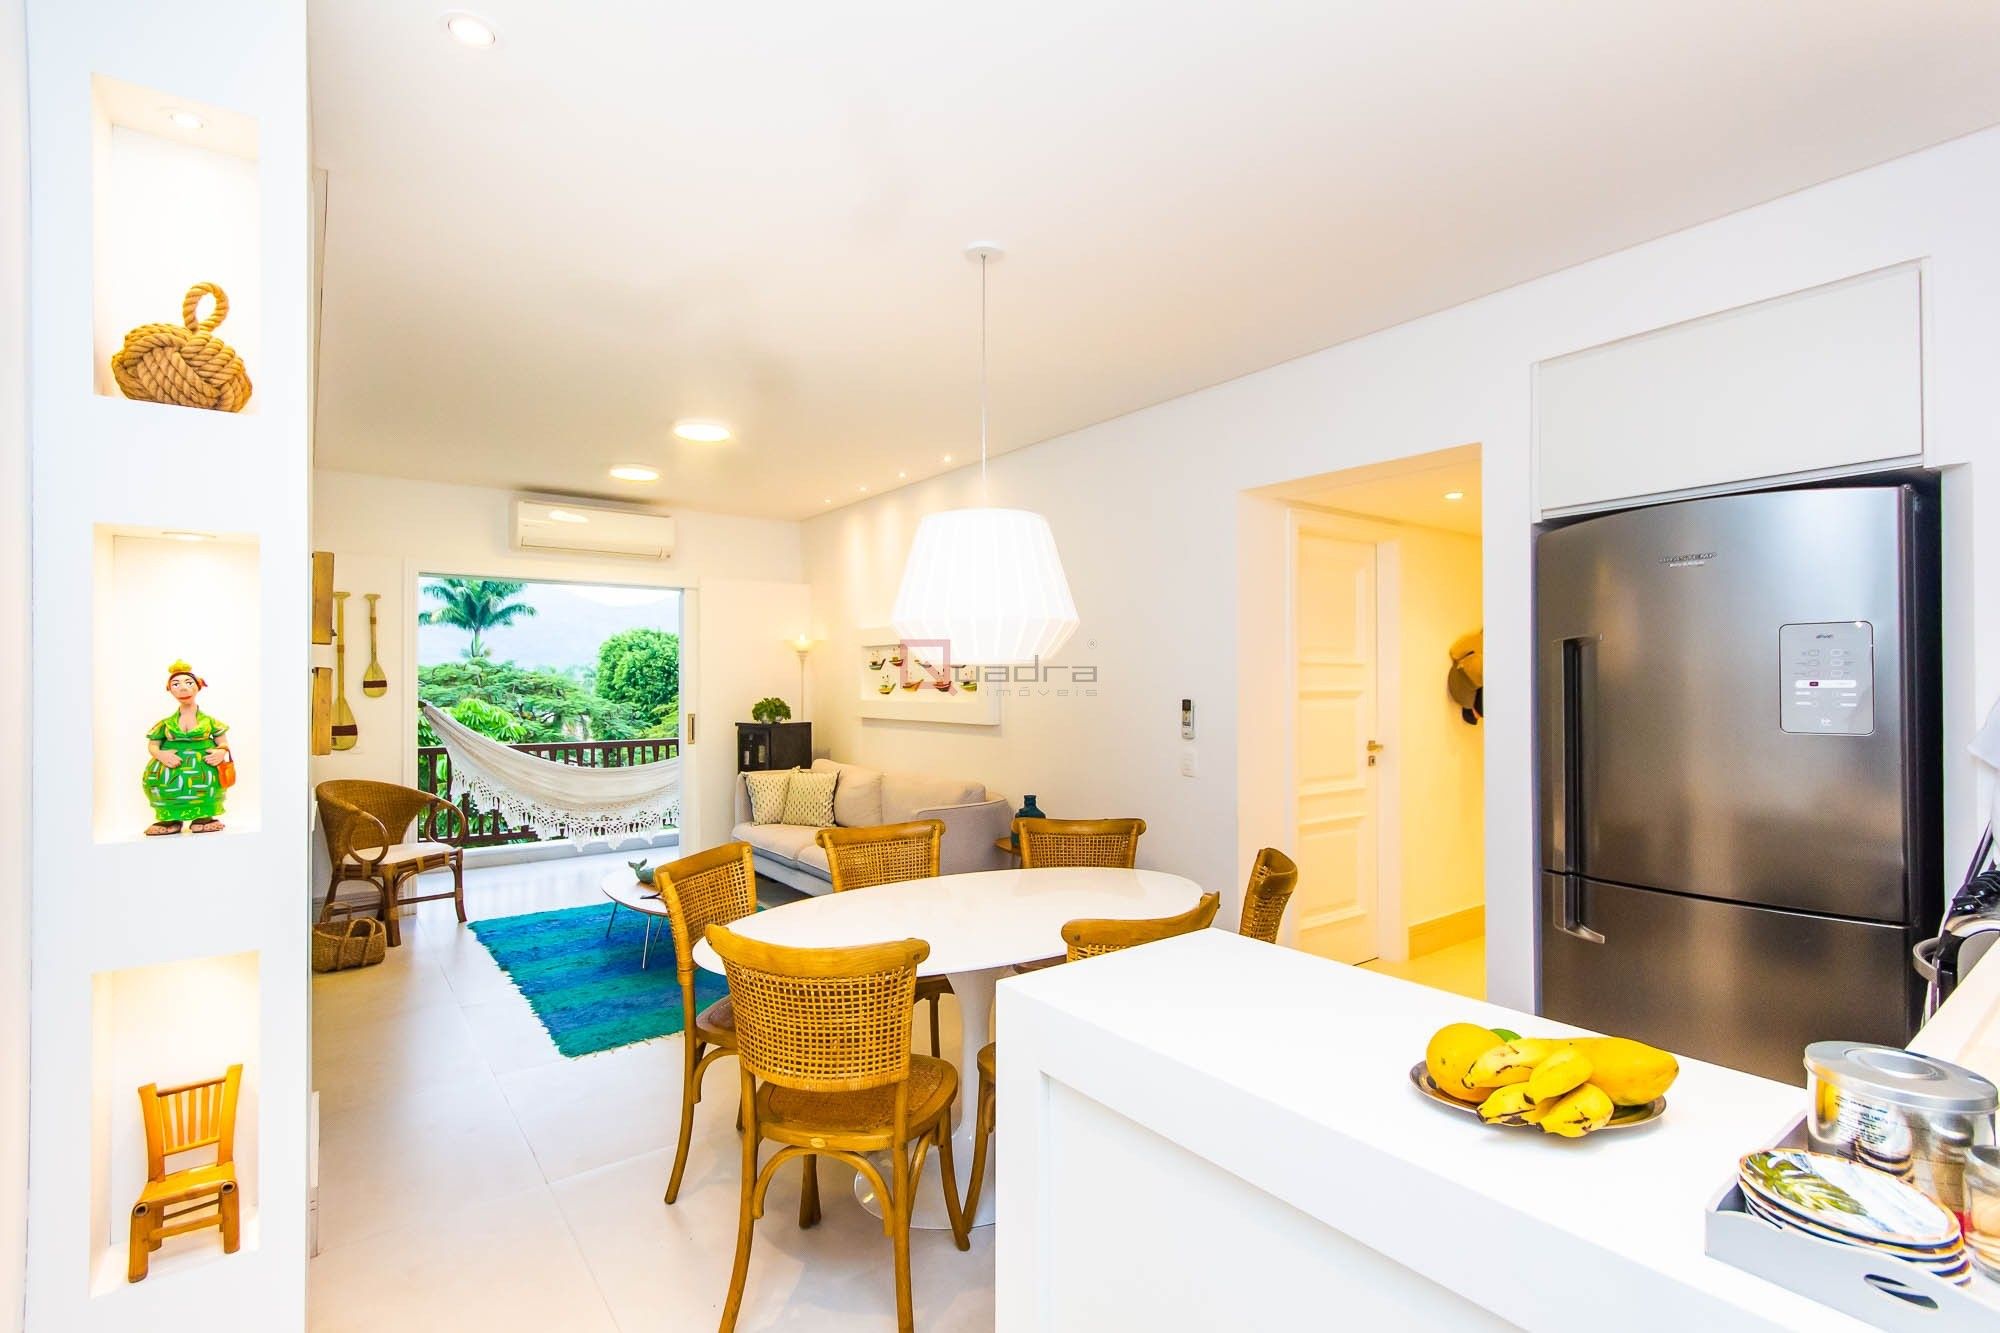 Apartamento com 2 dormitórios (1 suíte) à venda em Caraguatatuba, no bairro Tabatinga